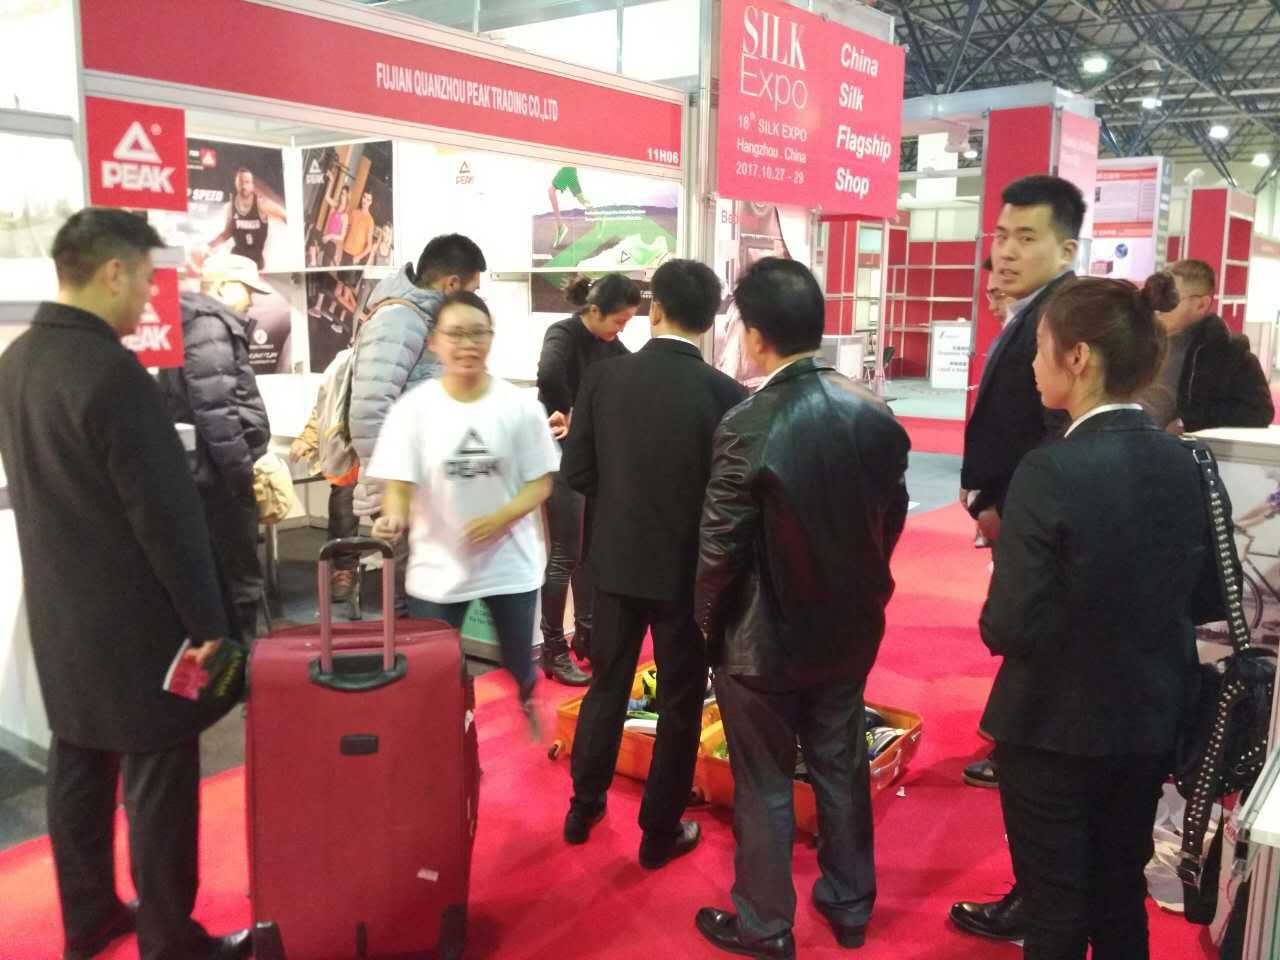 中國(哈薩克斯坦)貿易博覽會 暨家用紡織、服裝服飾、面輔料及箱包展覽會